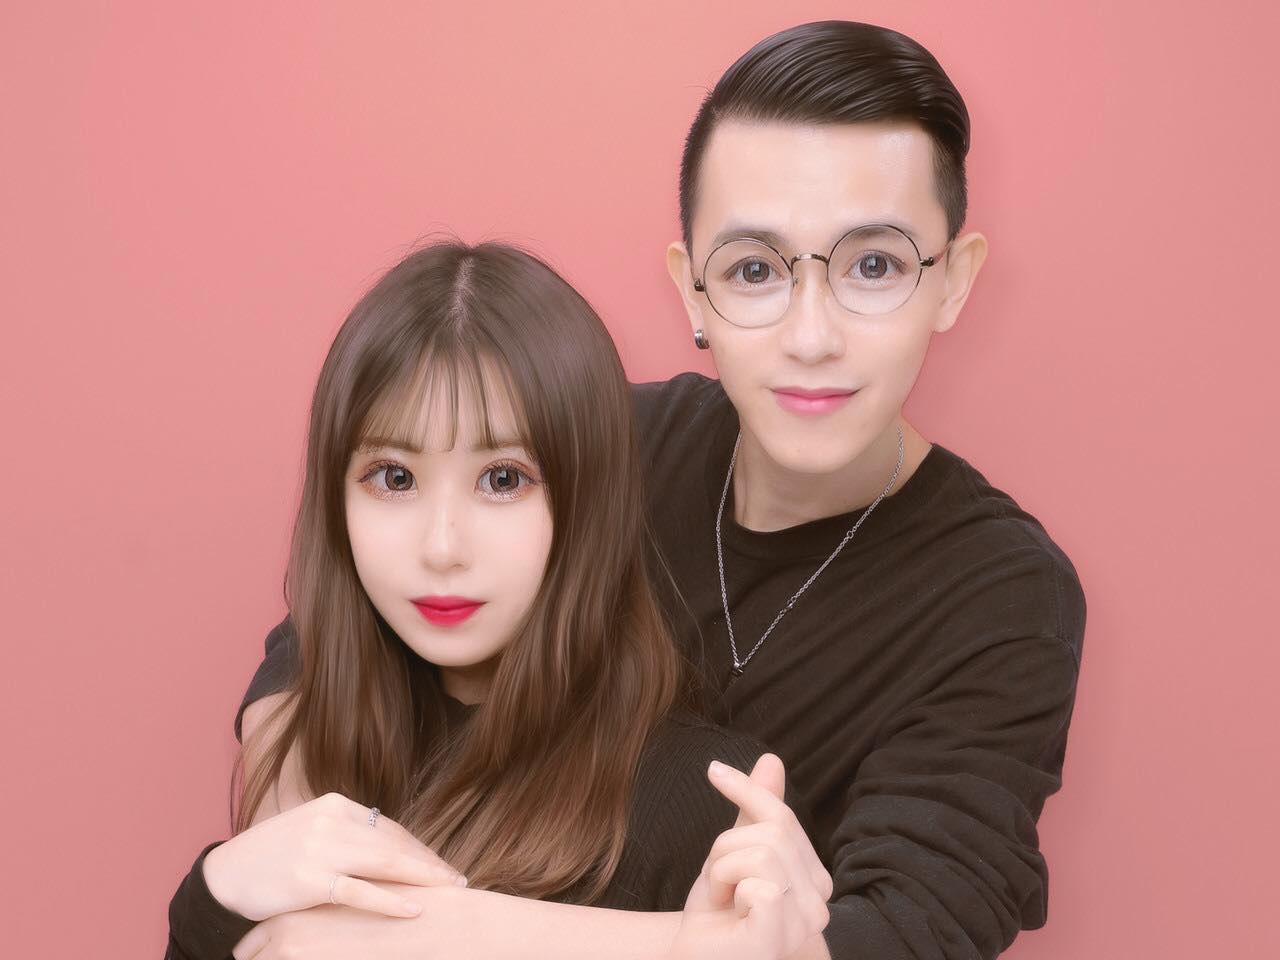 Người chồng Việt cưới vợ Nhật 21 tuổi, có 8,7 triệu like Tiktok: Nhà mình thuộc diện khá giả nên không lấy vợ để lợi dụng! - Ảnh 5.